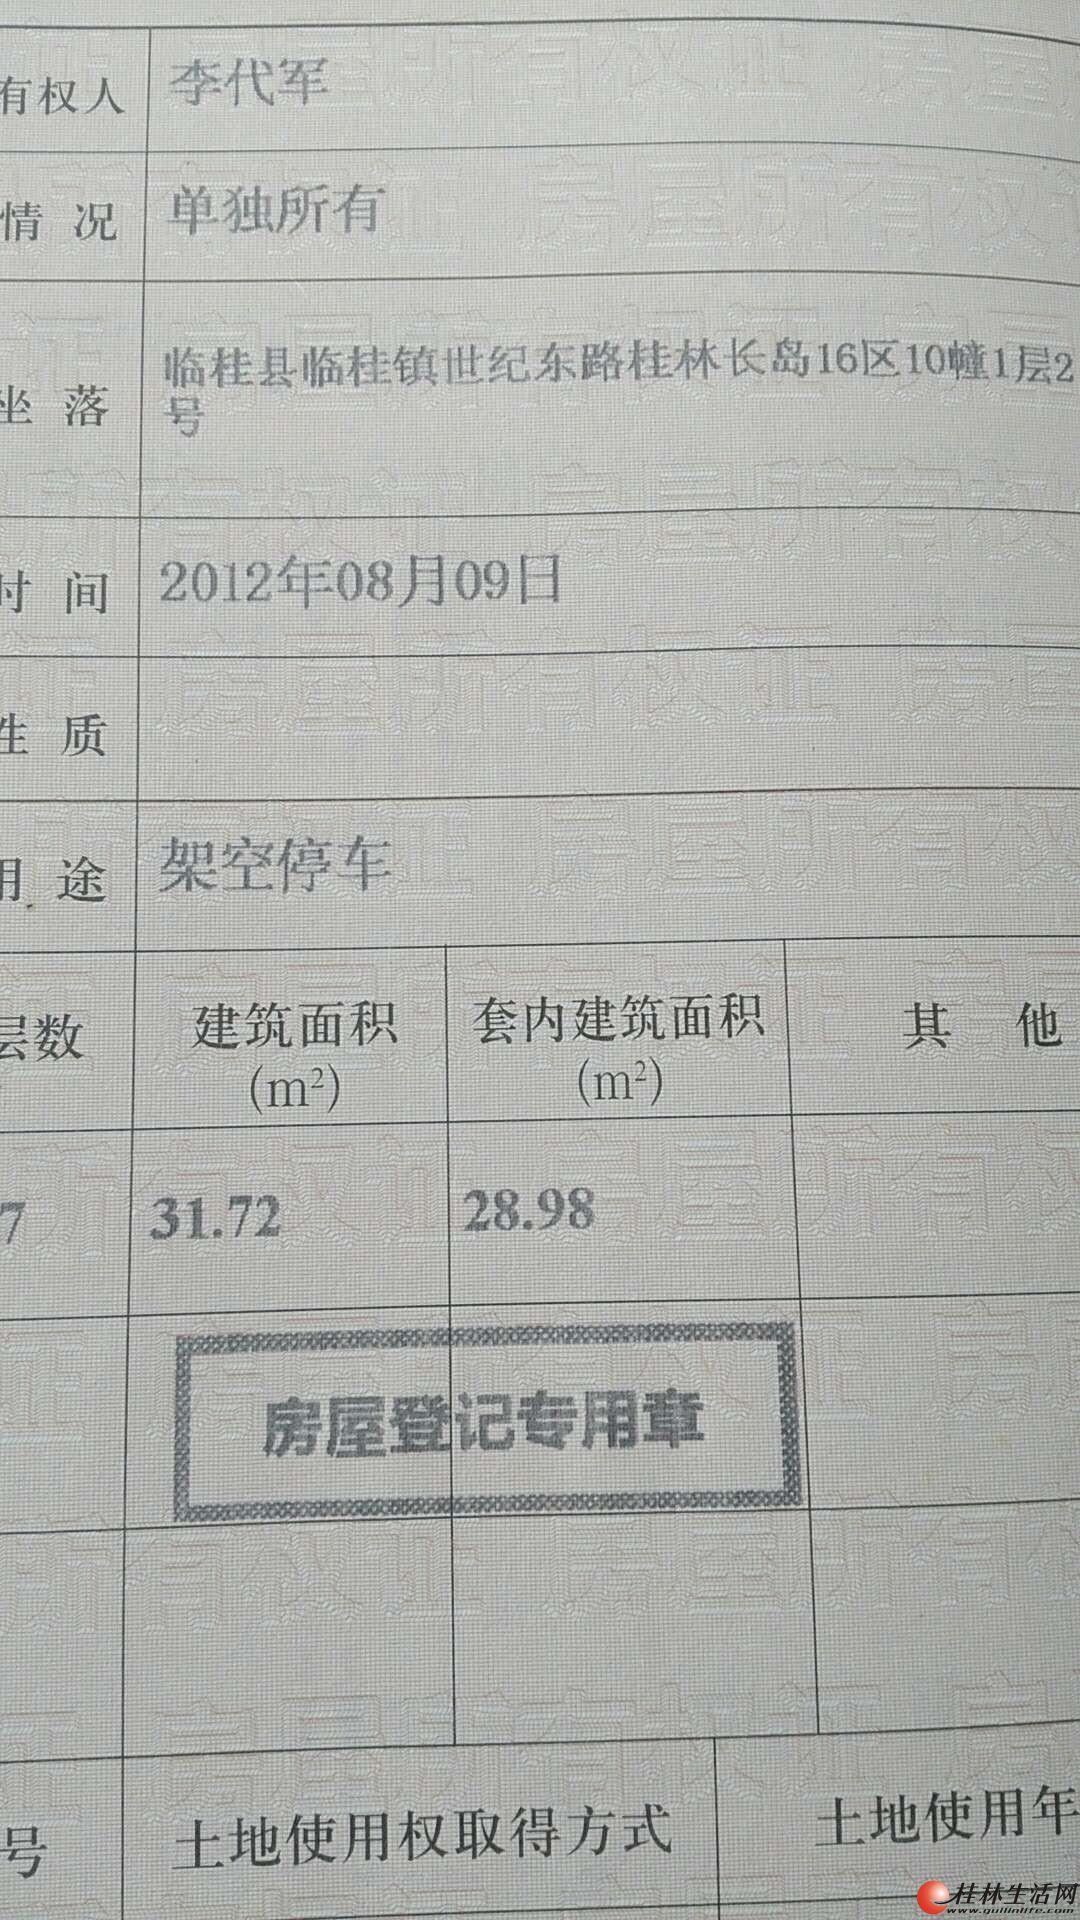 【抵押到期】【】临桂长岛16区32平米车库转让,】欢迎中介】有产权证。】【包过户】8